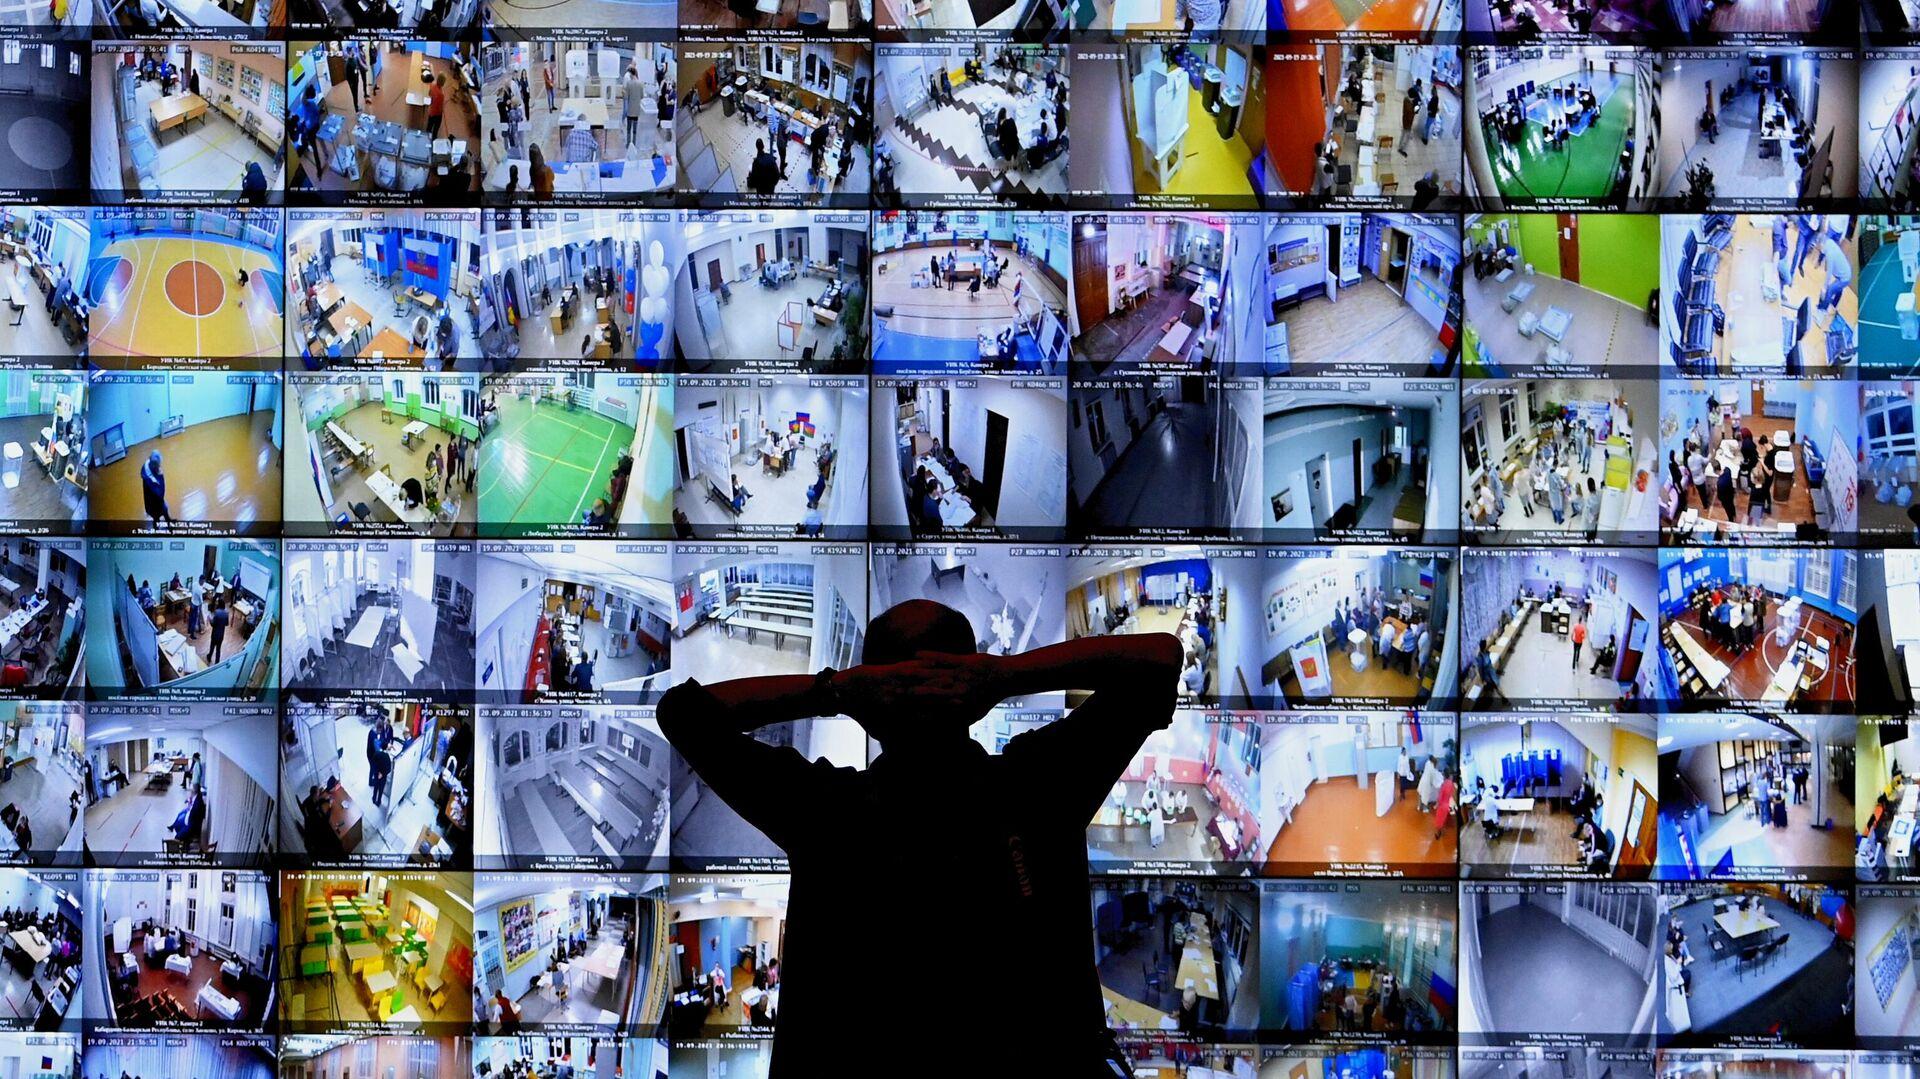 Экраны с участками для голосования в Информационном центре Центральной избирательной комиссии РФ во время выборов в Госдуму 2021 года - Sputnik Узбекистан, 1920, 18.09.2021